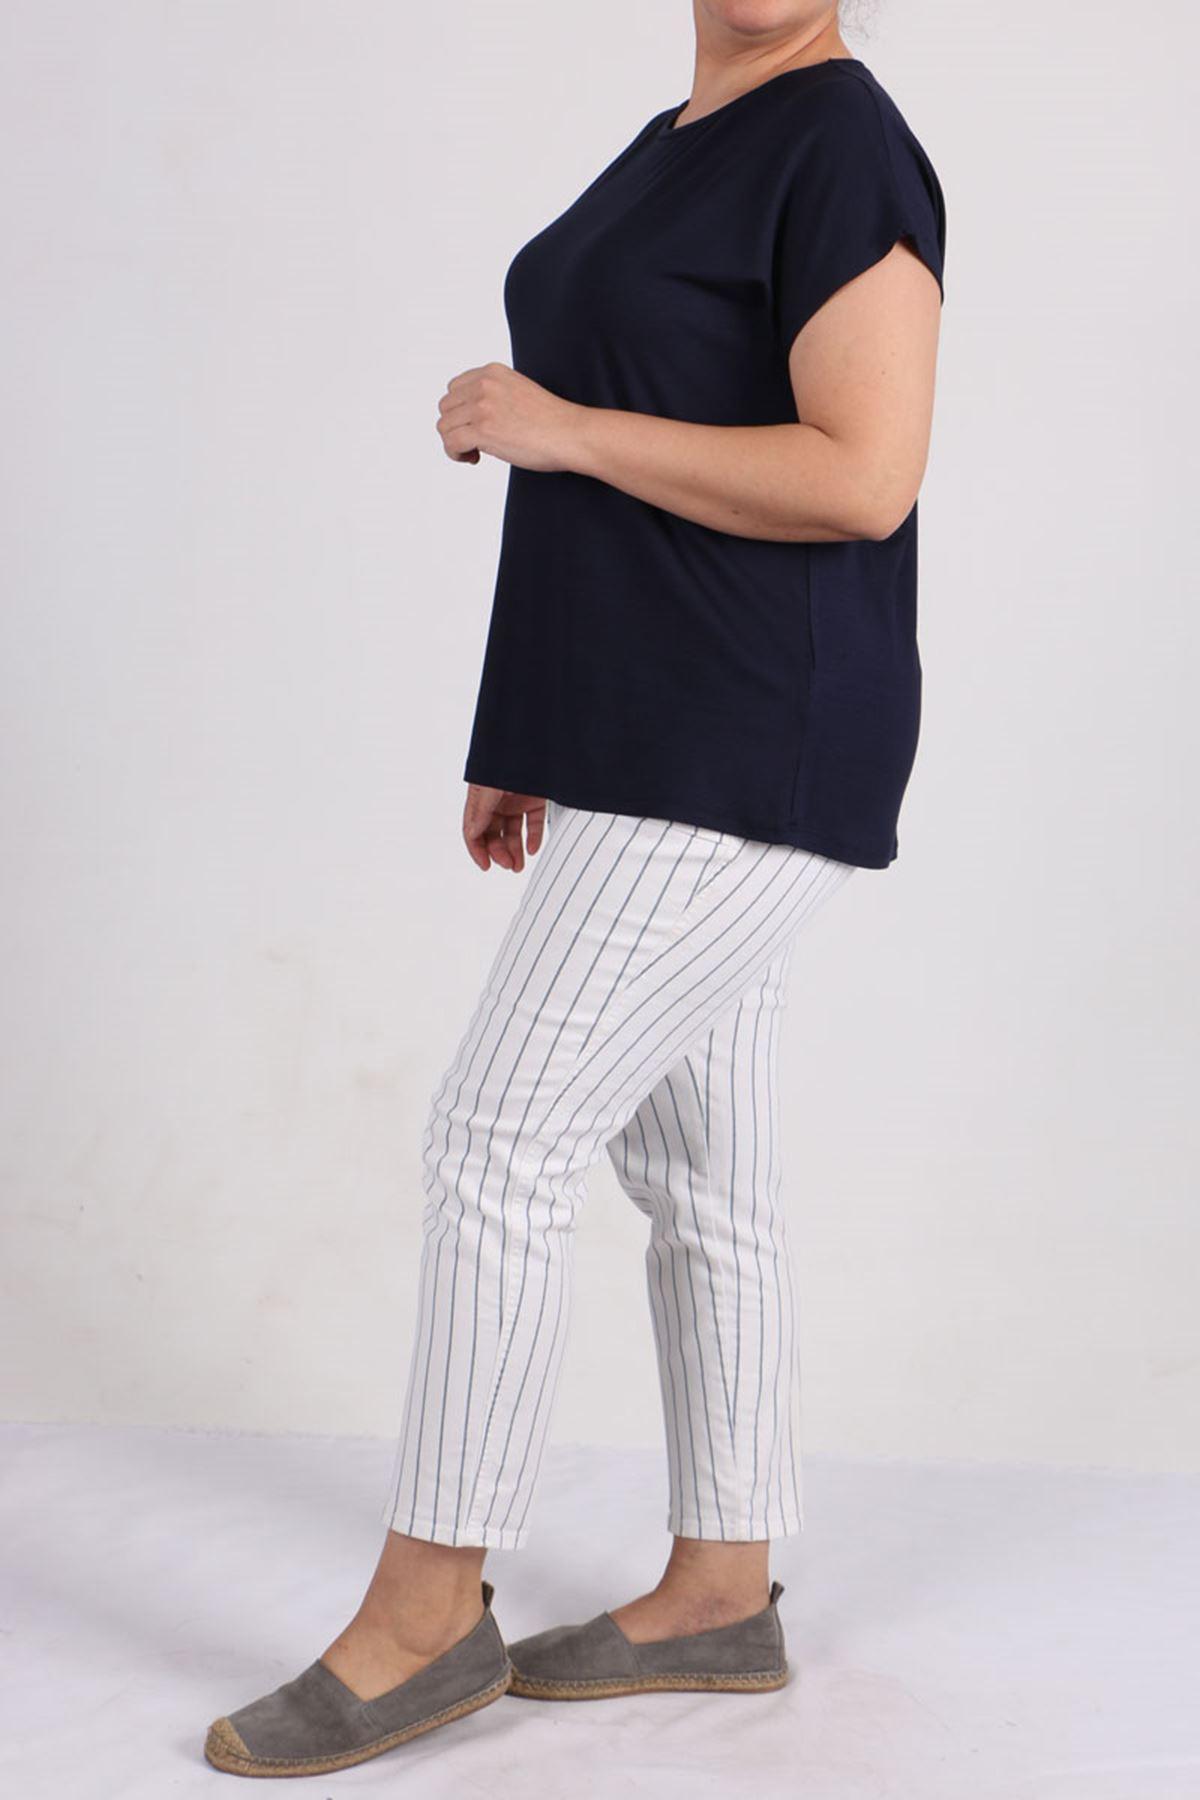 8531 Plus Size Basic T-shirt - Navy Blue